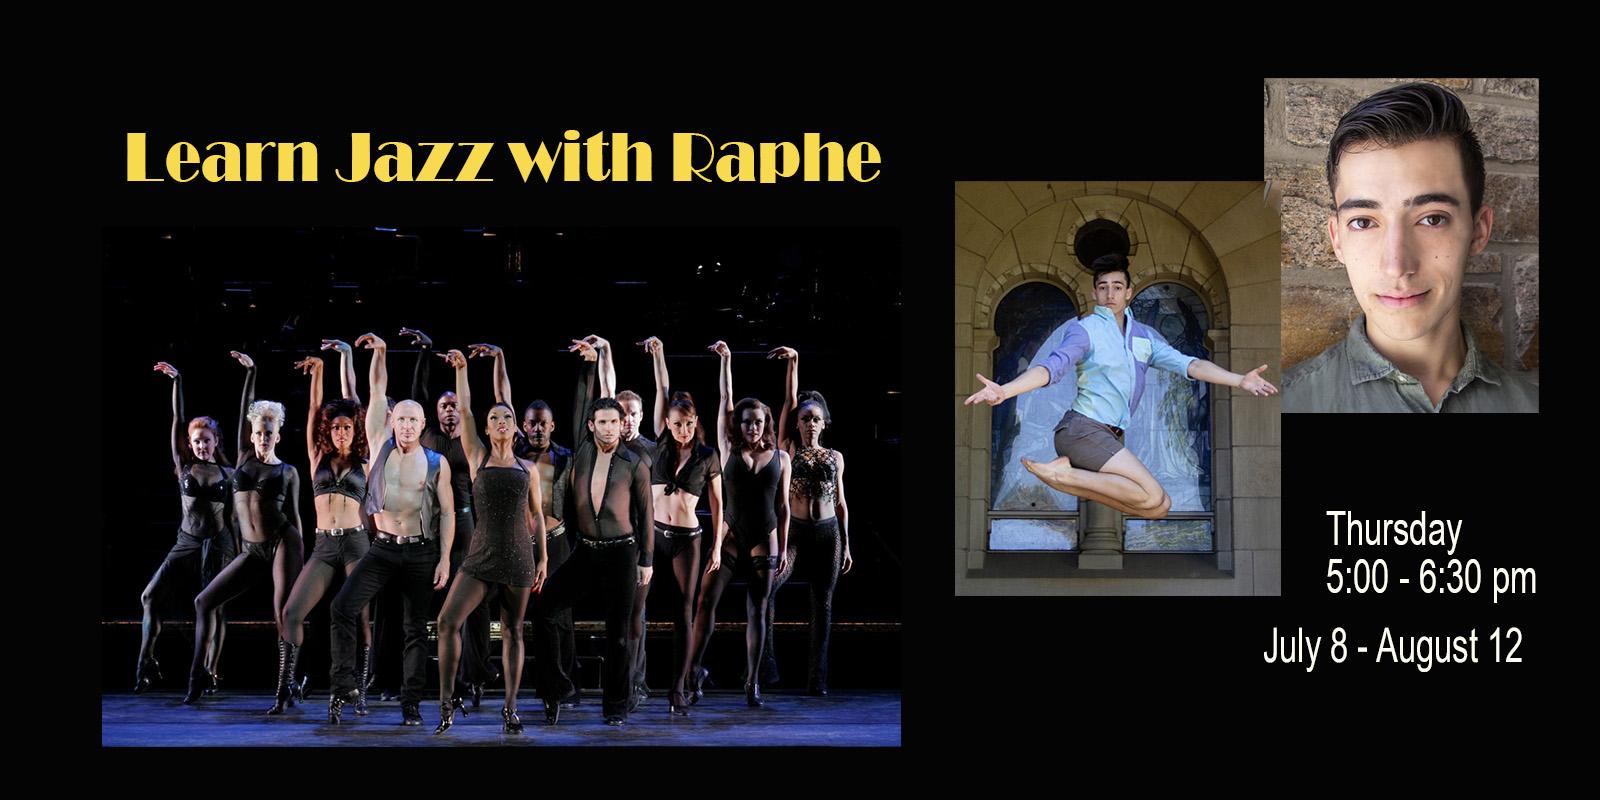 Jazz Class with Raphe